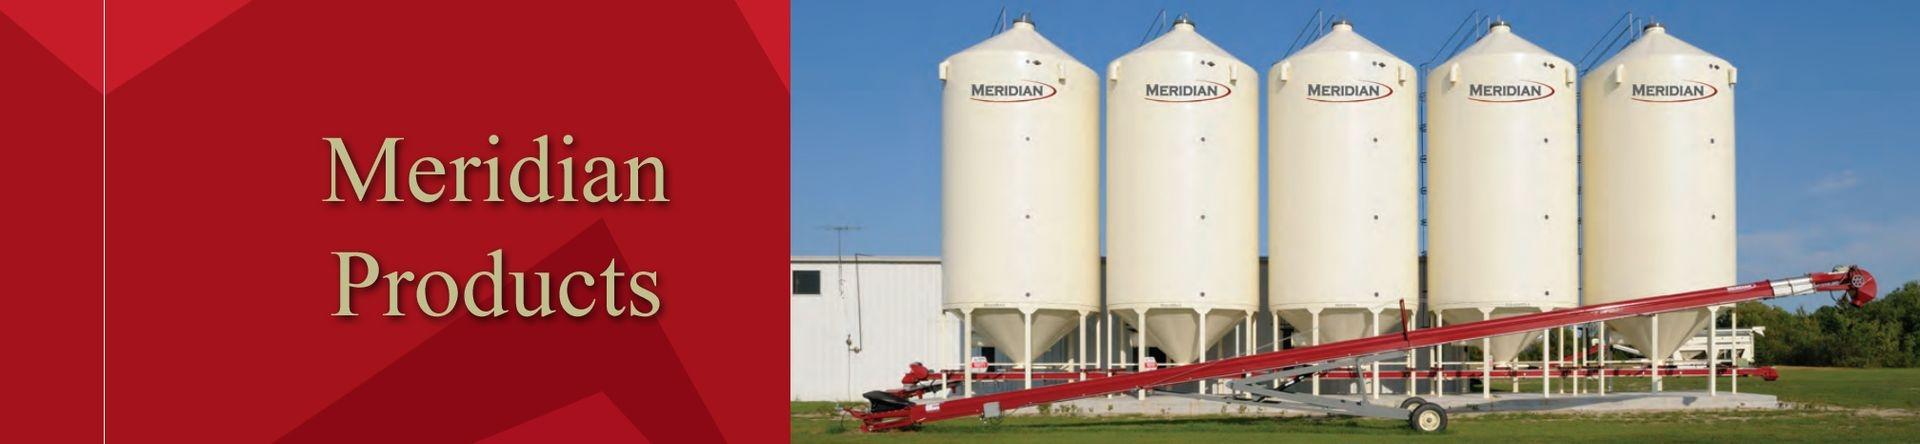 Meridian Manufacturing Holding Bins